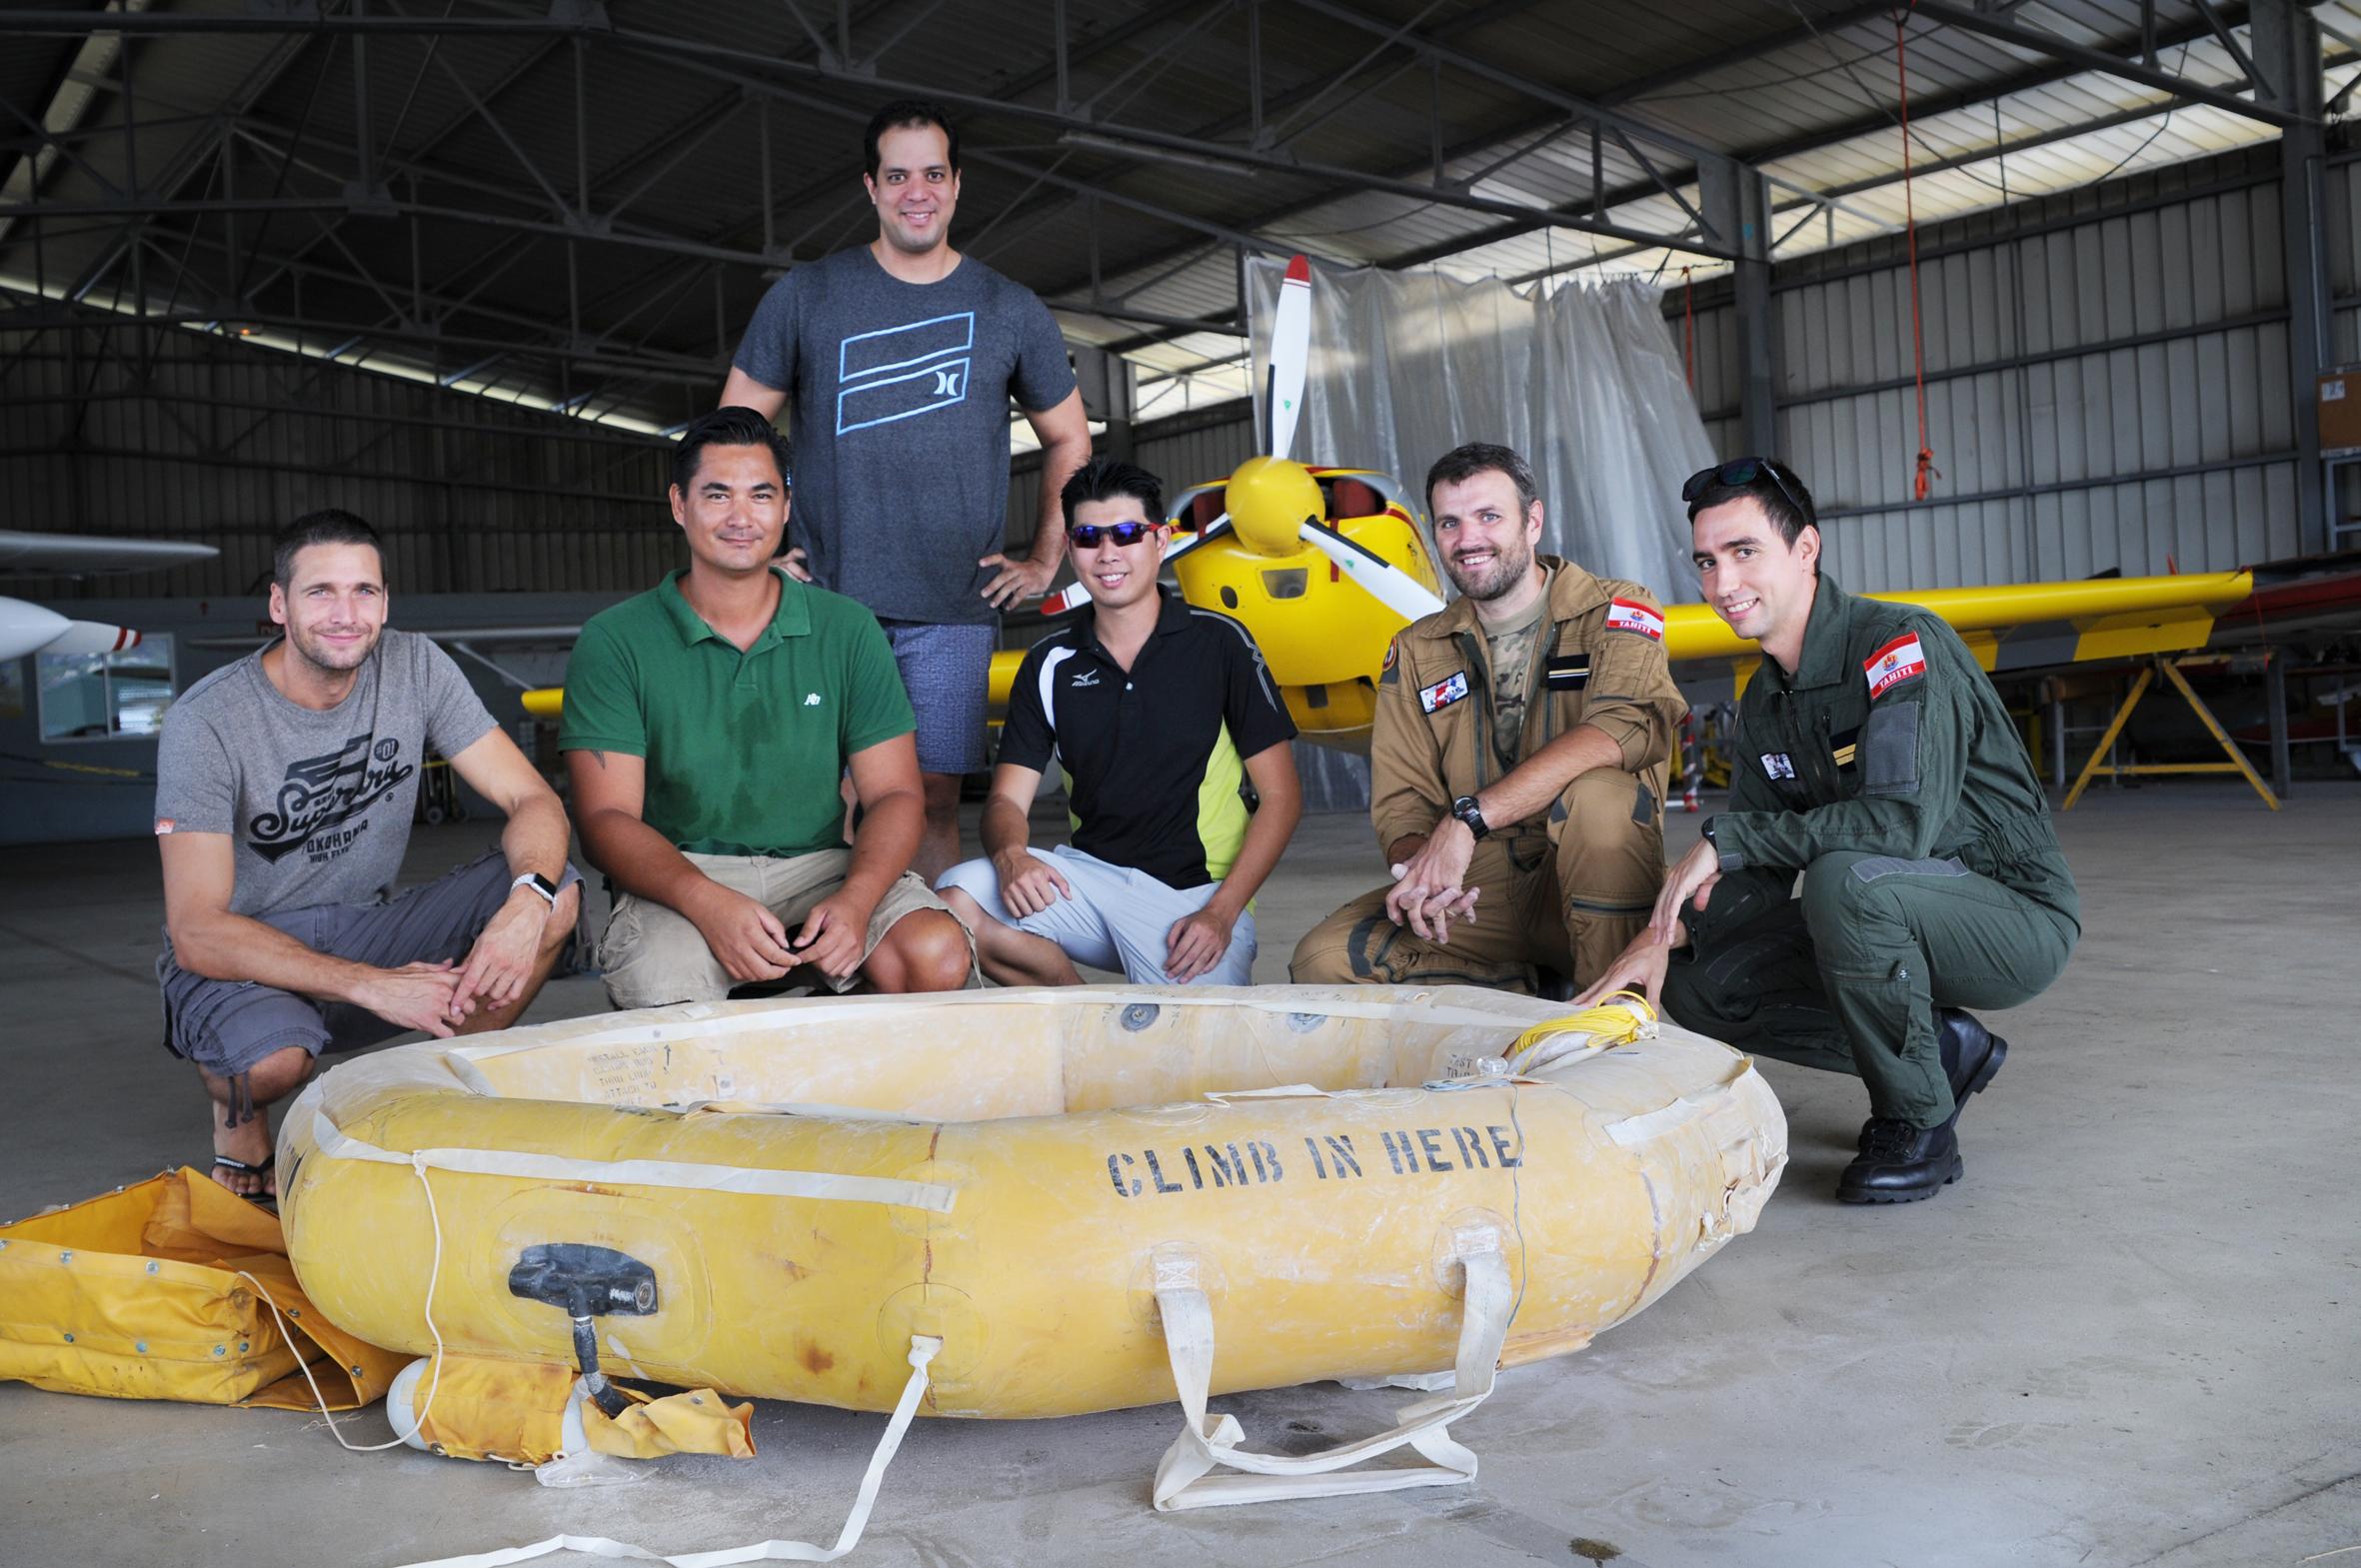 Les élèves pilotes de C3P devant le canot de sauvetage qu'ils viennent de gonfler dans le hangar de C3P. Cette session est animée par Franck David, plongeur-sauveteur de la 35F. (© C.Flipo).